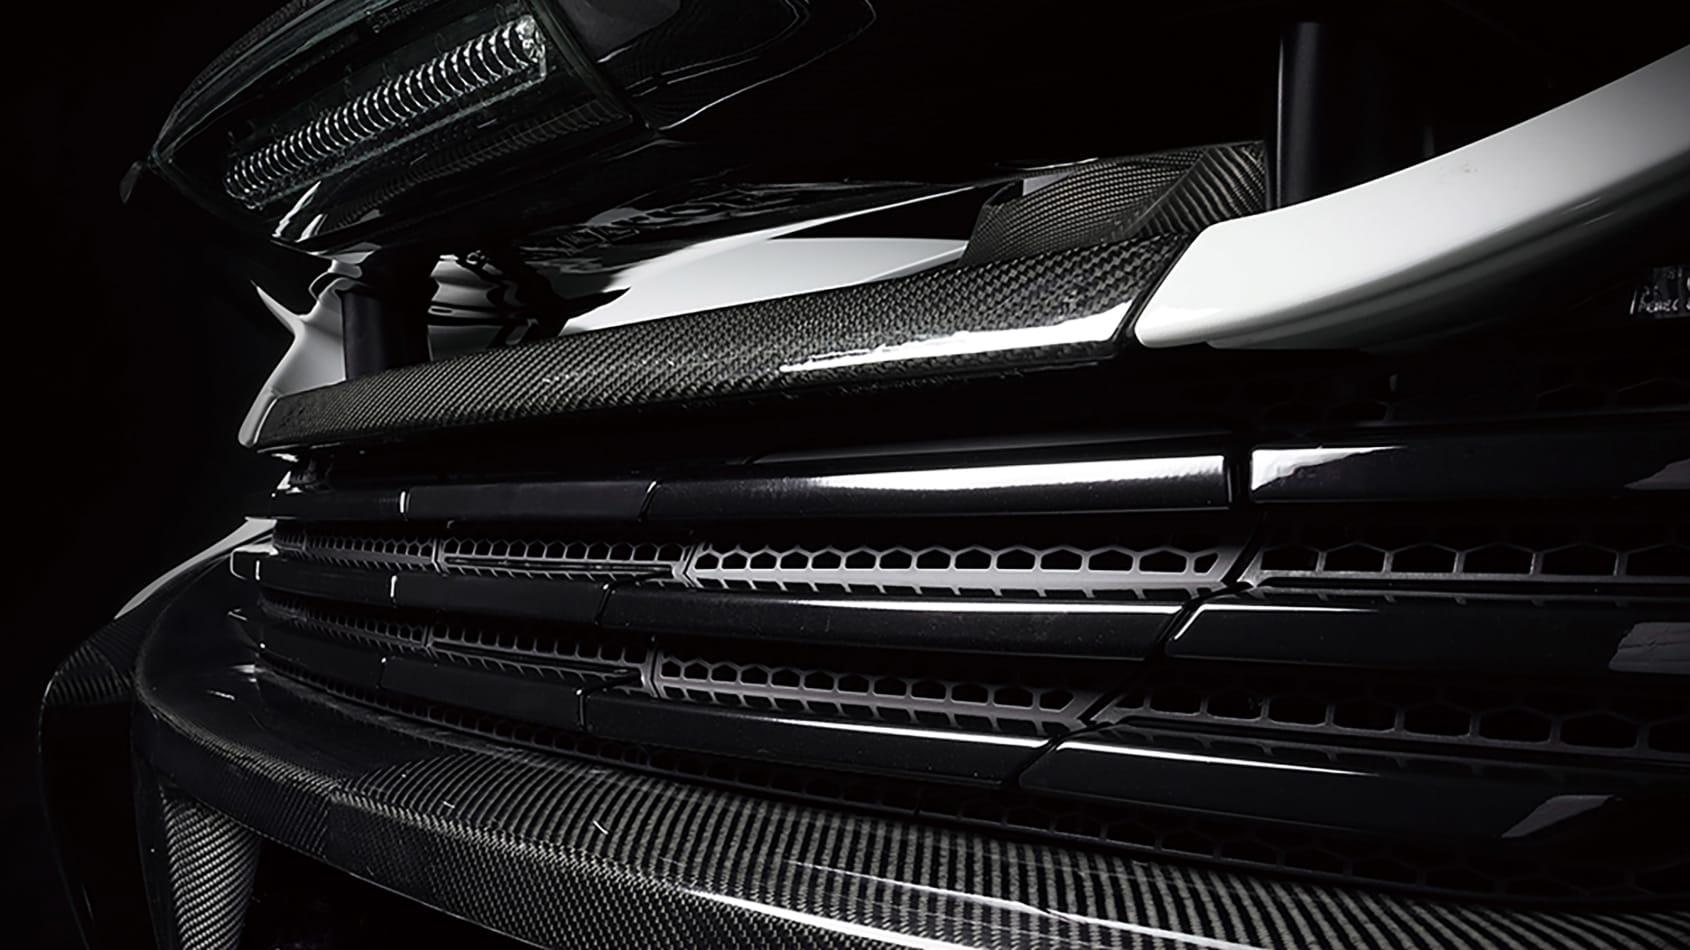 McLaren-650S-Fi-Exhaust-9